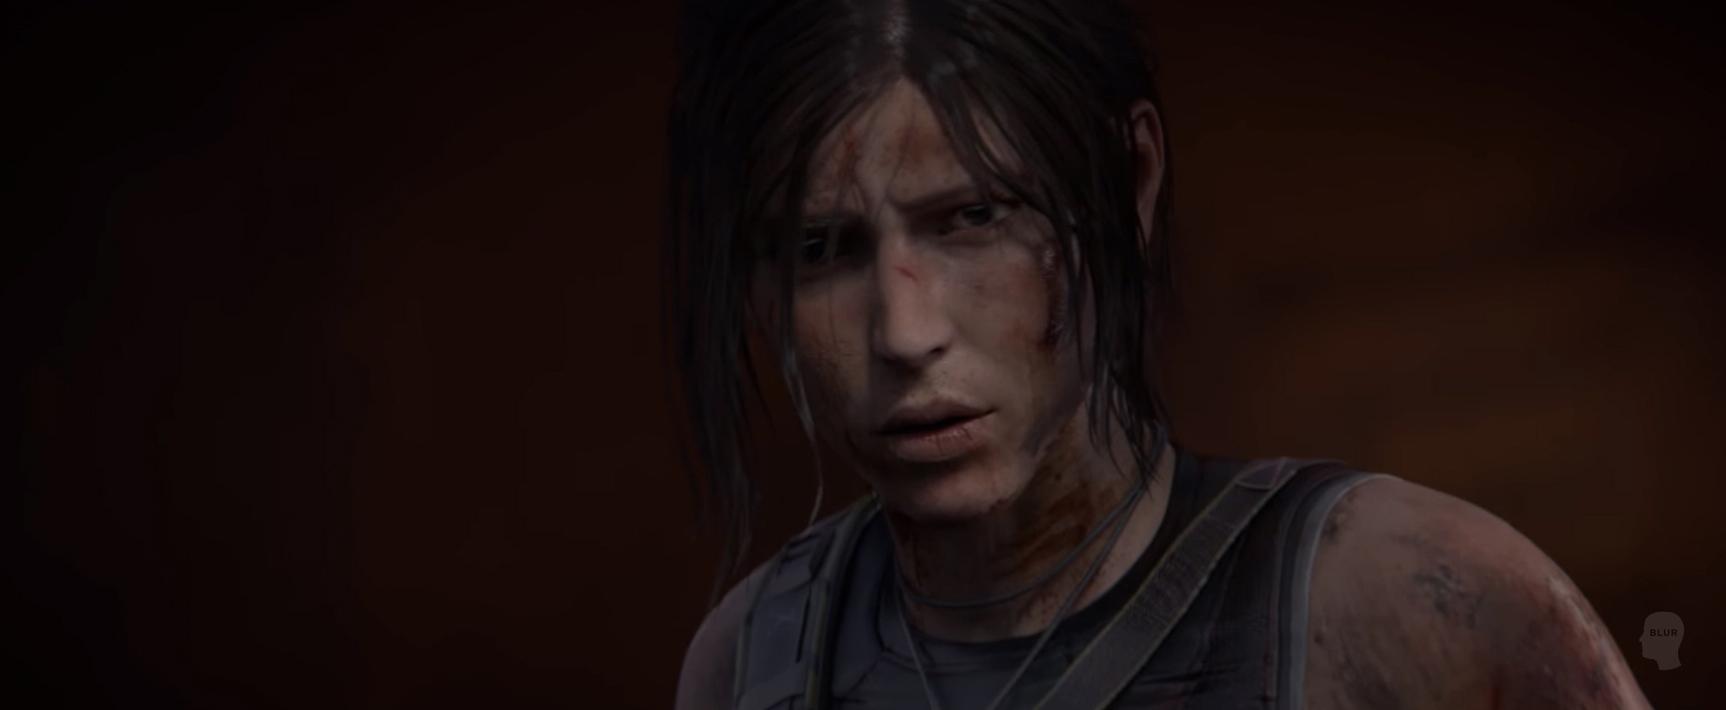 Aamir_Shadow of the Tomb Raider_17.jpg